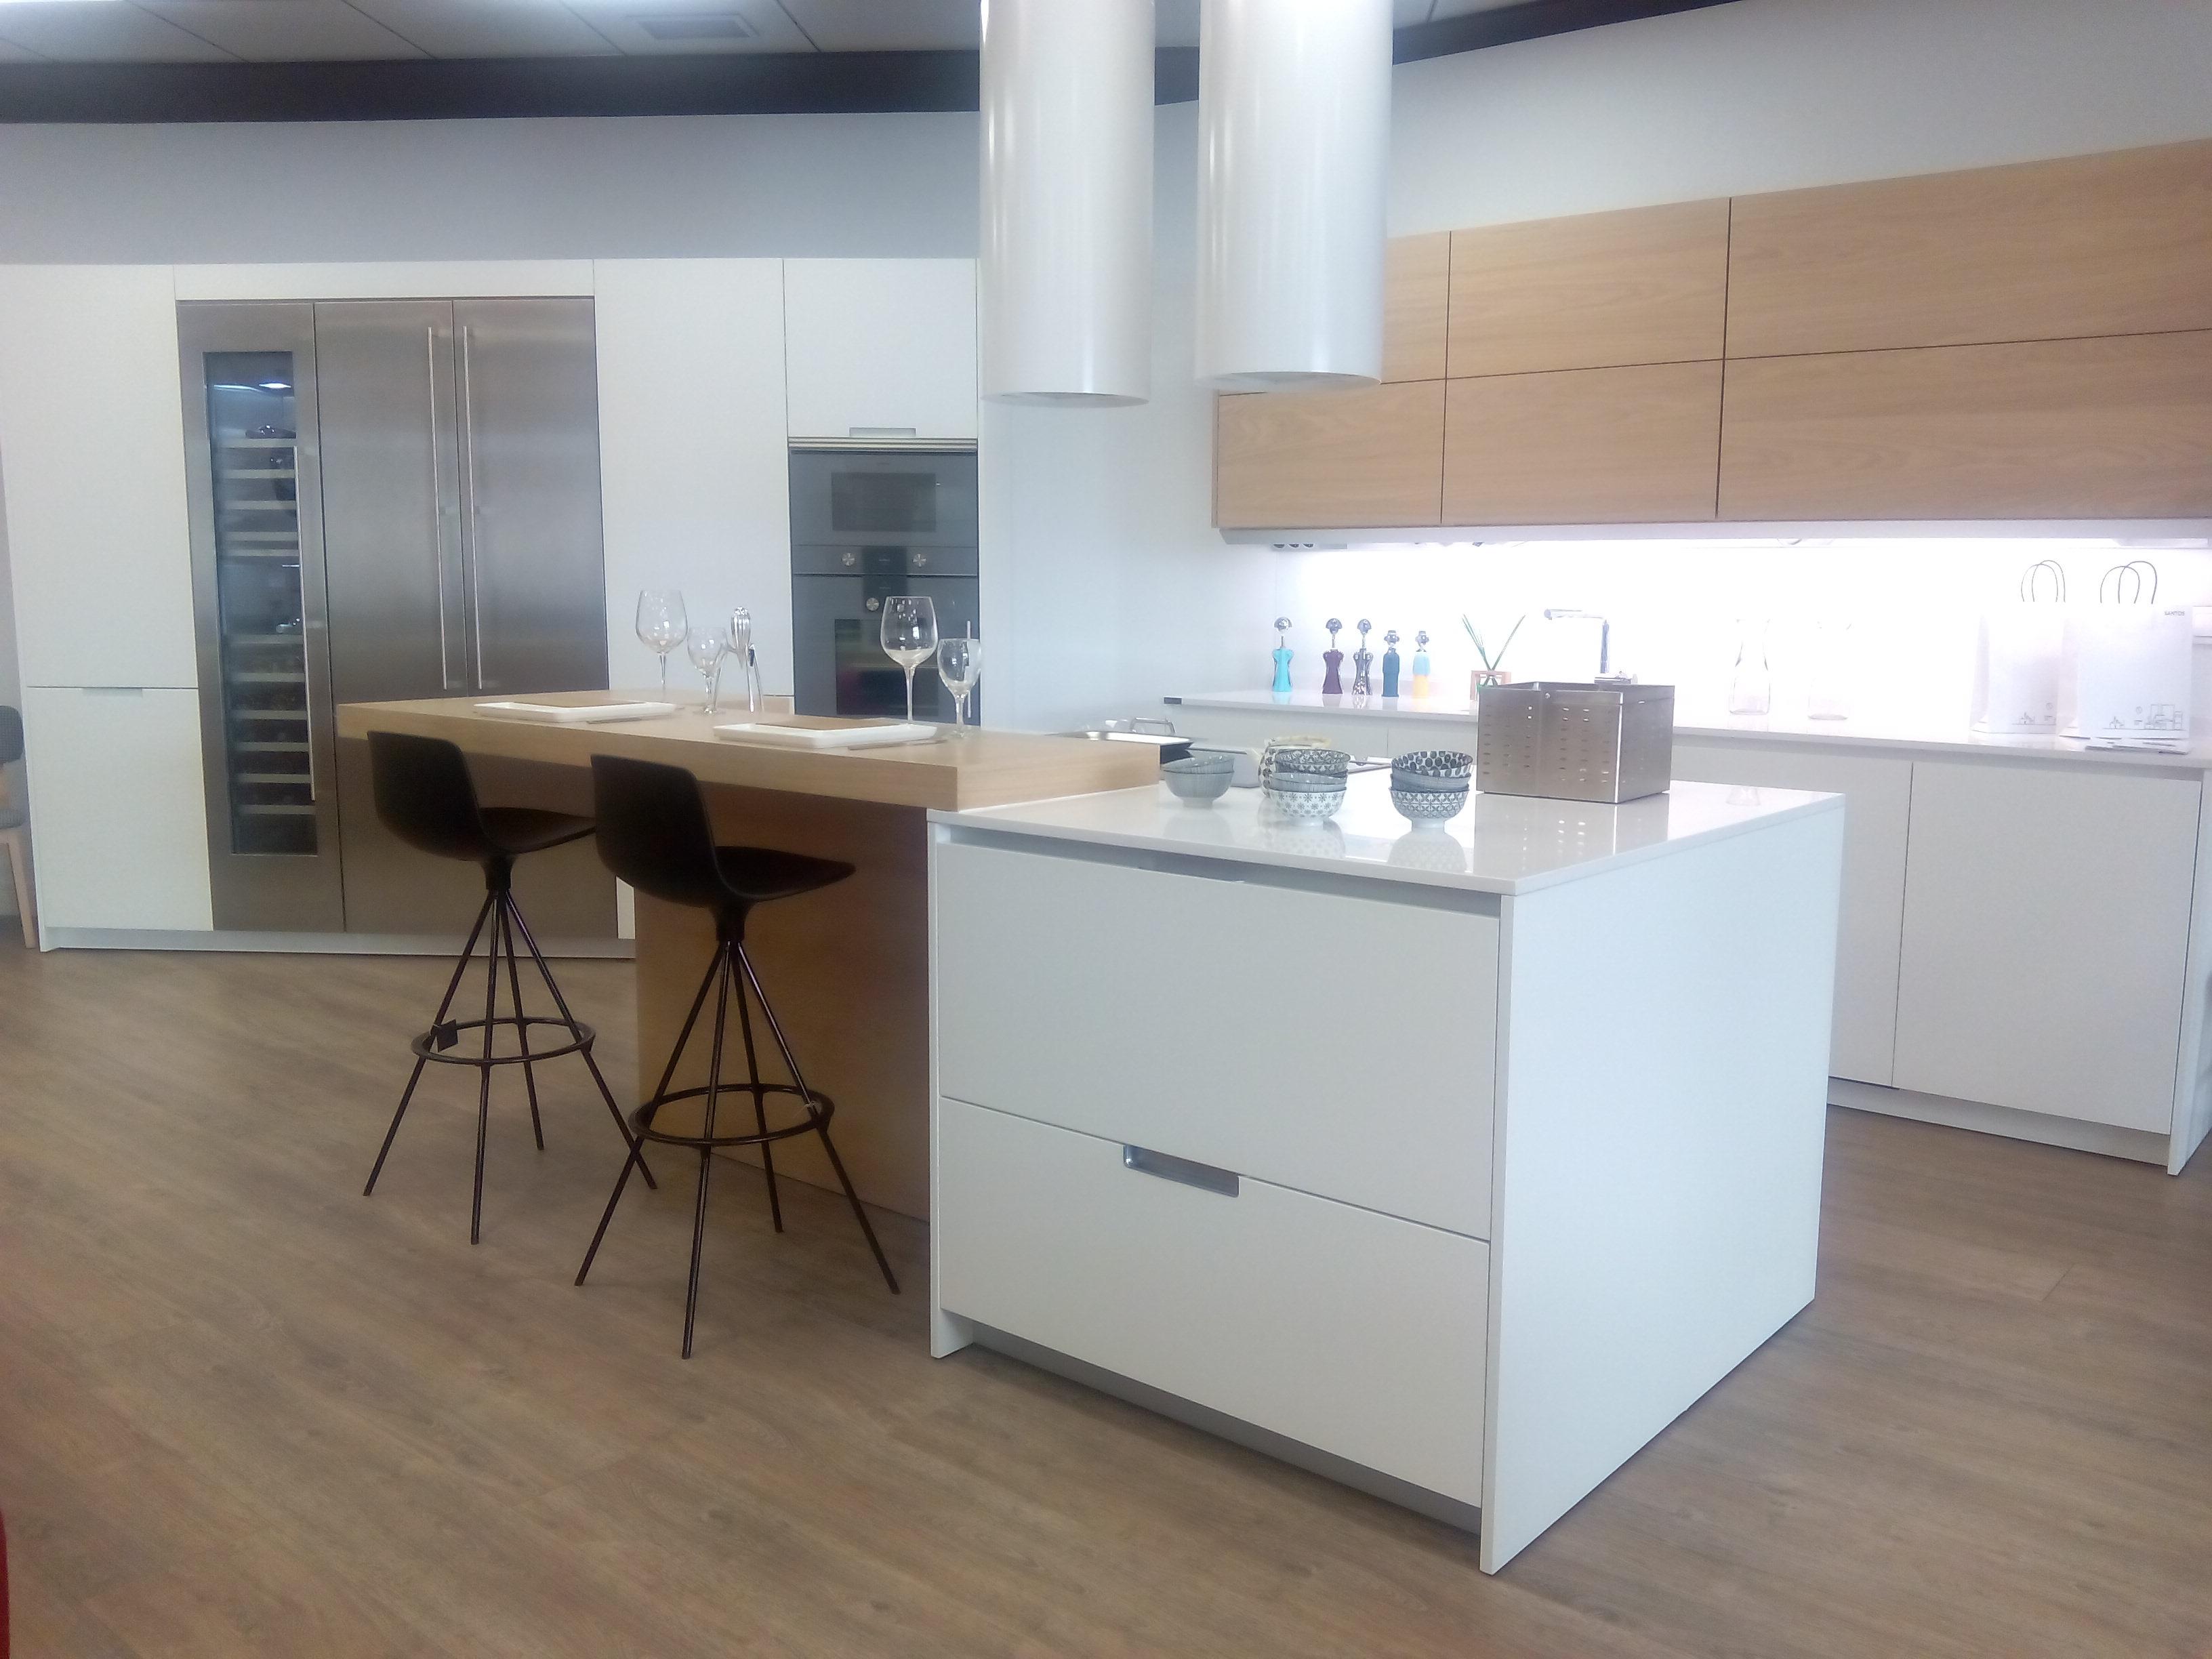 Emejing Santos Muebles De Cocina Images - Casa & Diseño Ideas ...